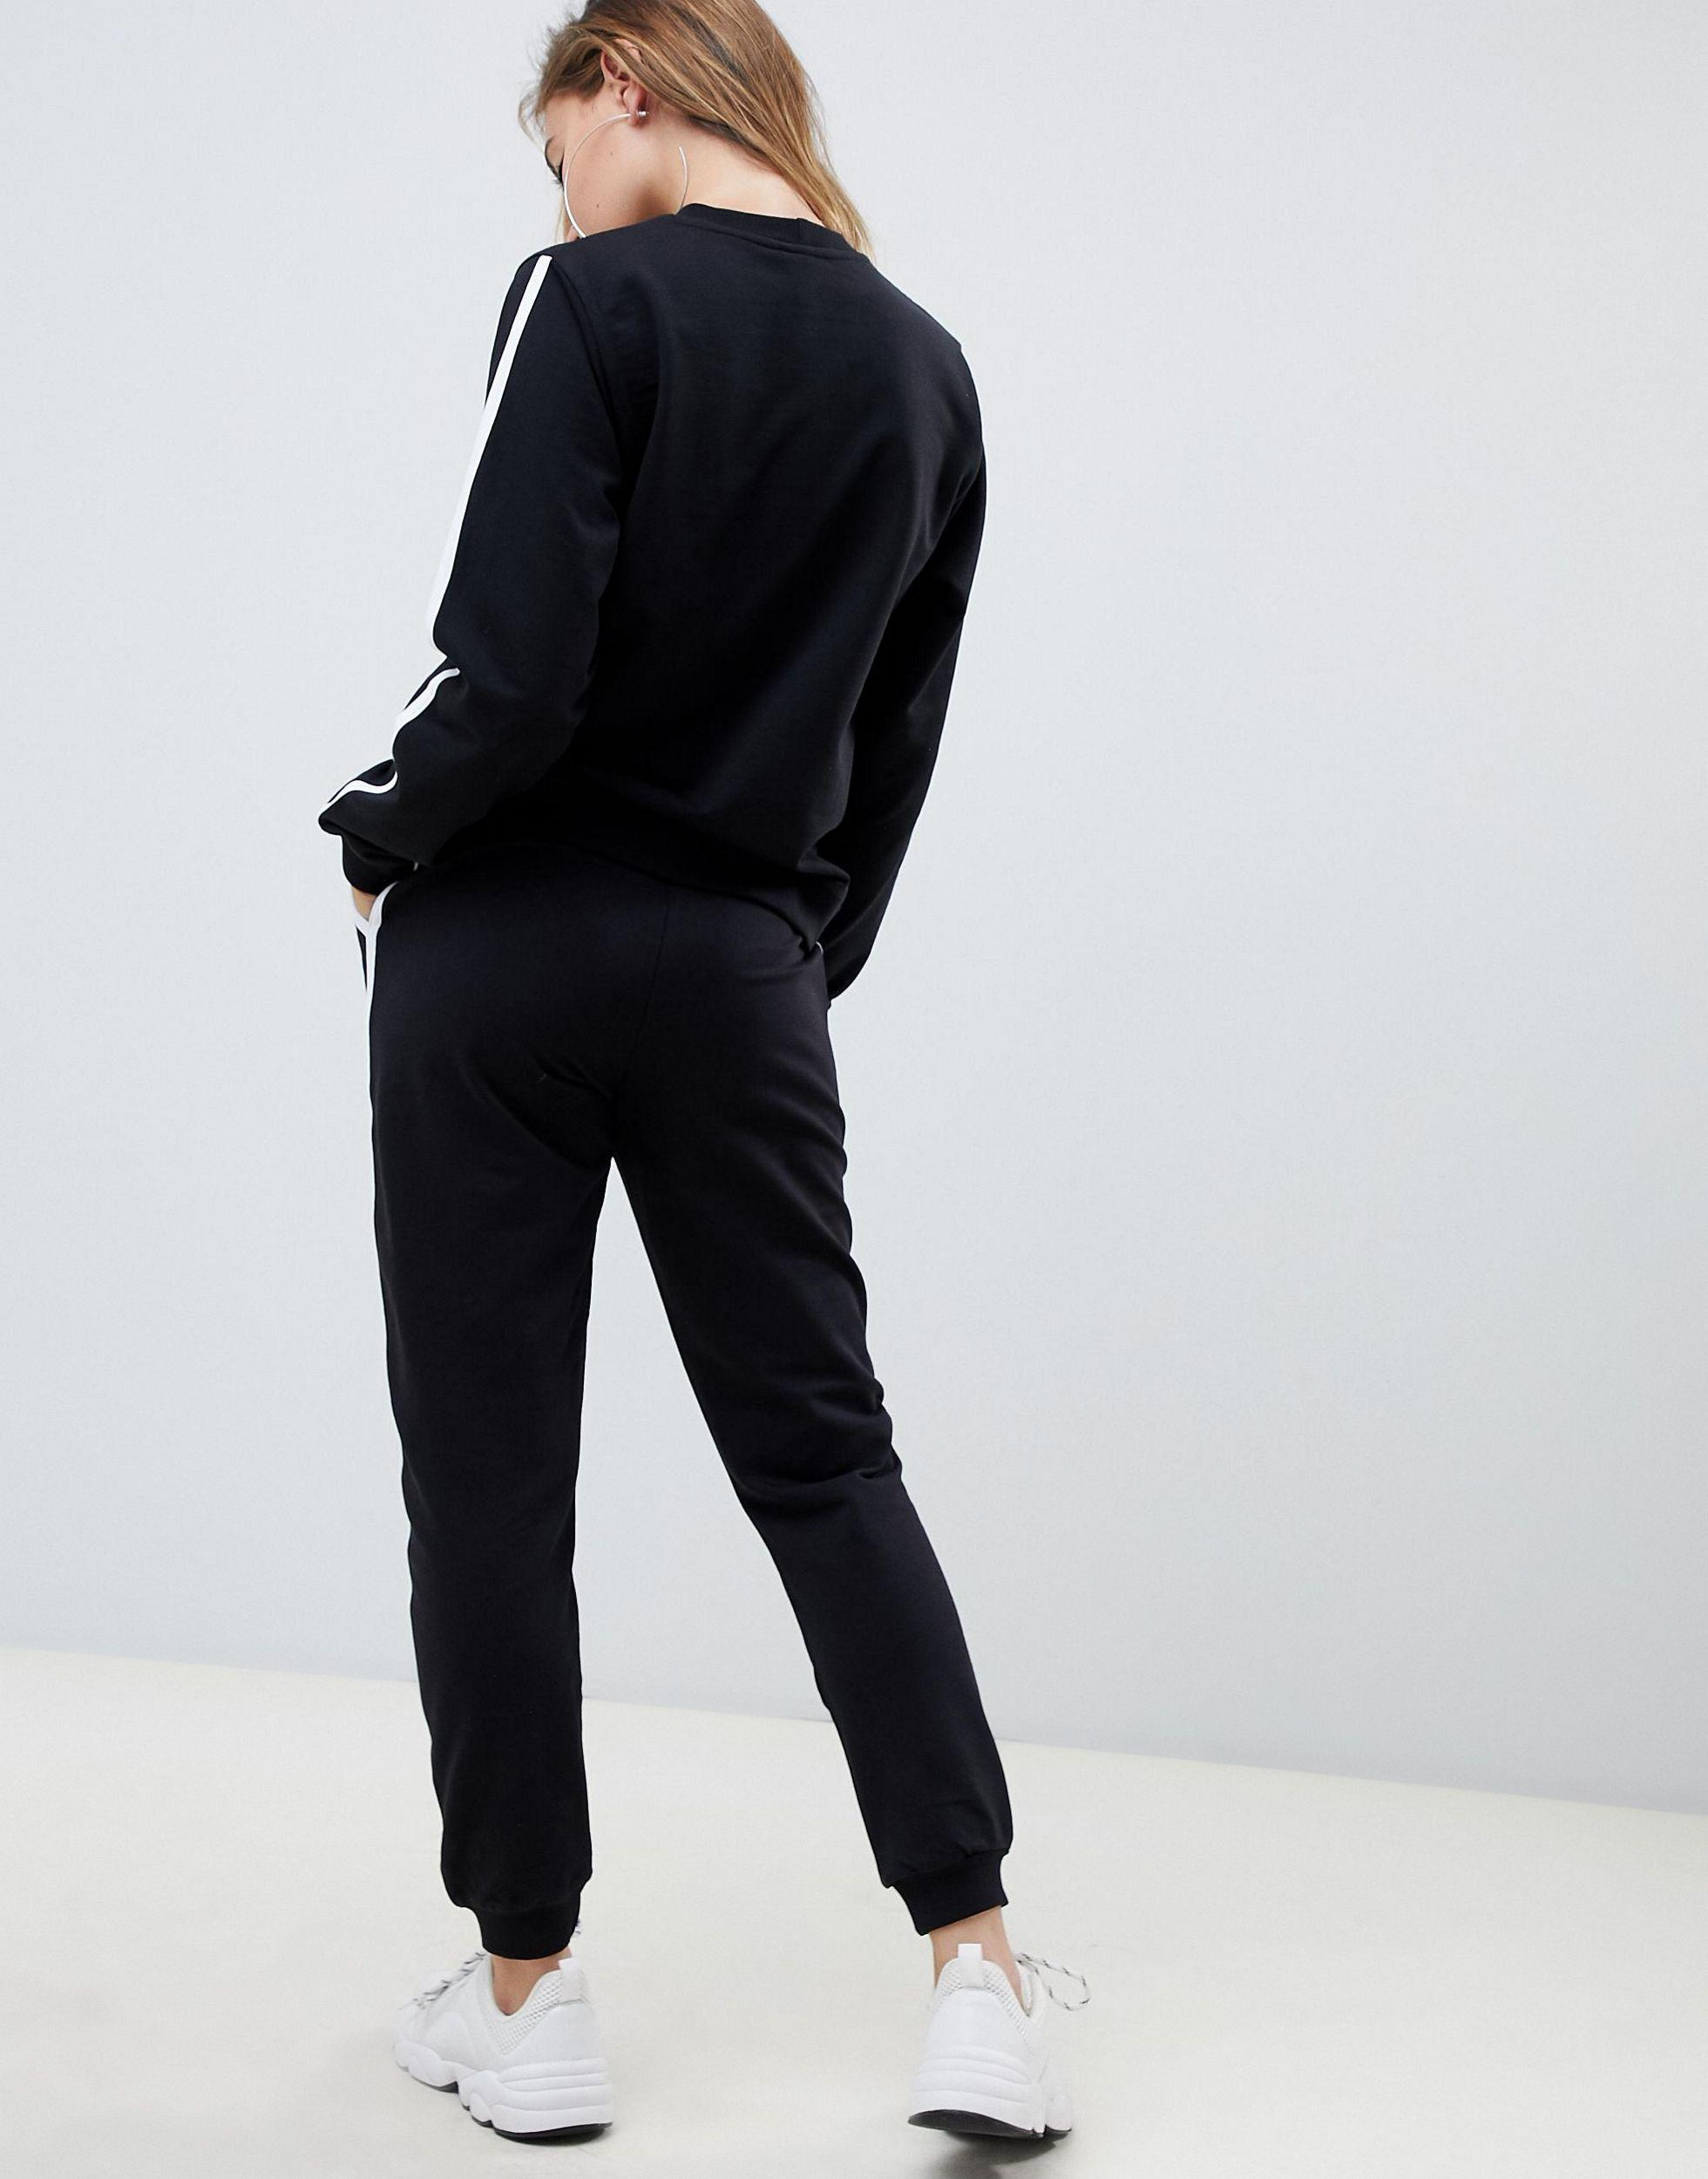 ASOS DESIGN Petite - Survêtement à bandes contrastantes avec sweat-shirt et jogger basique noué Jean ASOS en coloris Noir